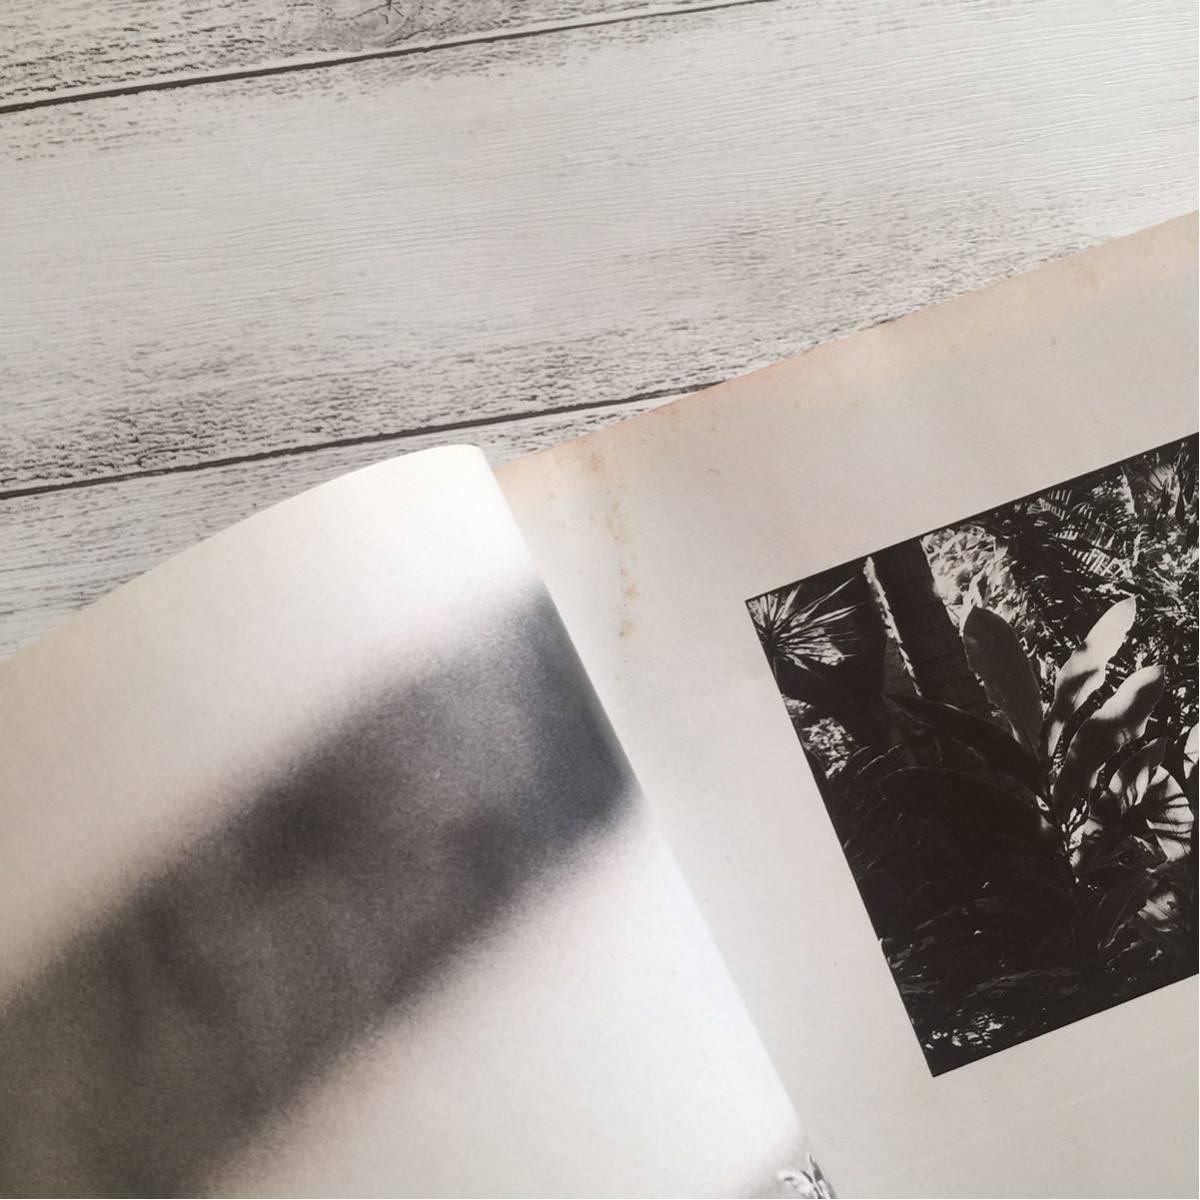 【中古】ESQUIRE エスクァイア 日本版「1960sRevolution」1991年4月 No.7 アンディ・ウォーホル 雑誌 デニスホッパー ヘルズエンジェルズ_画像8